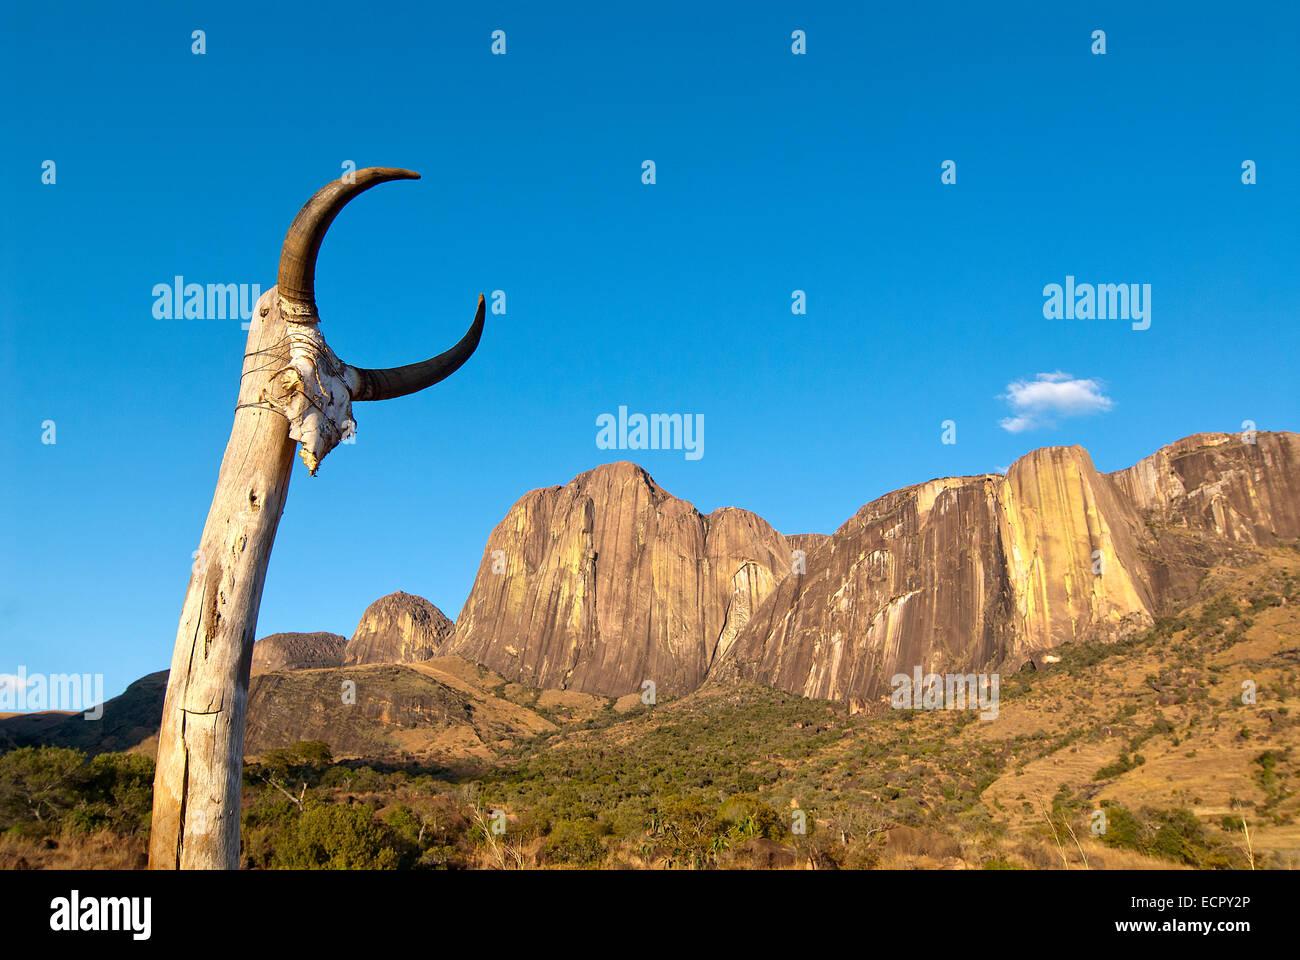 Kulturellen Symbolik im zentralen Hochland von Madagaskar. Stockbild